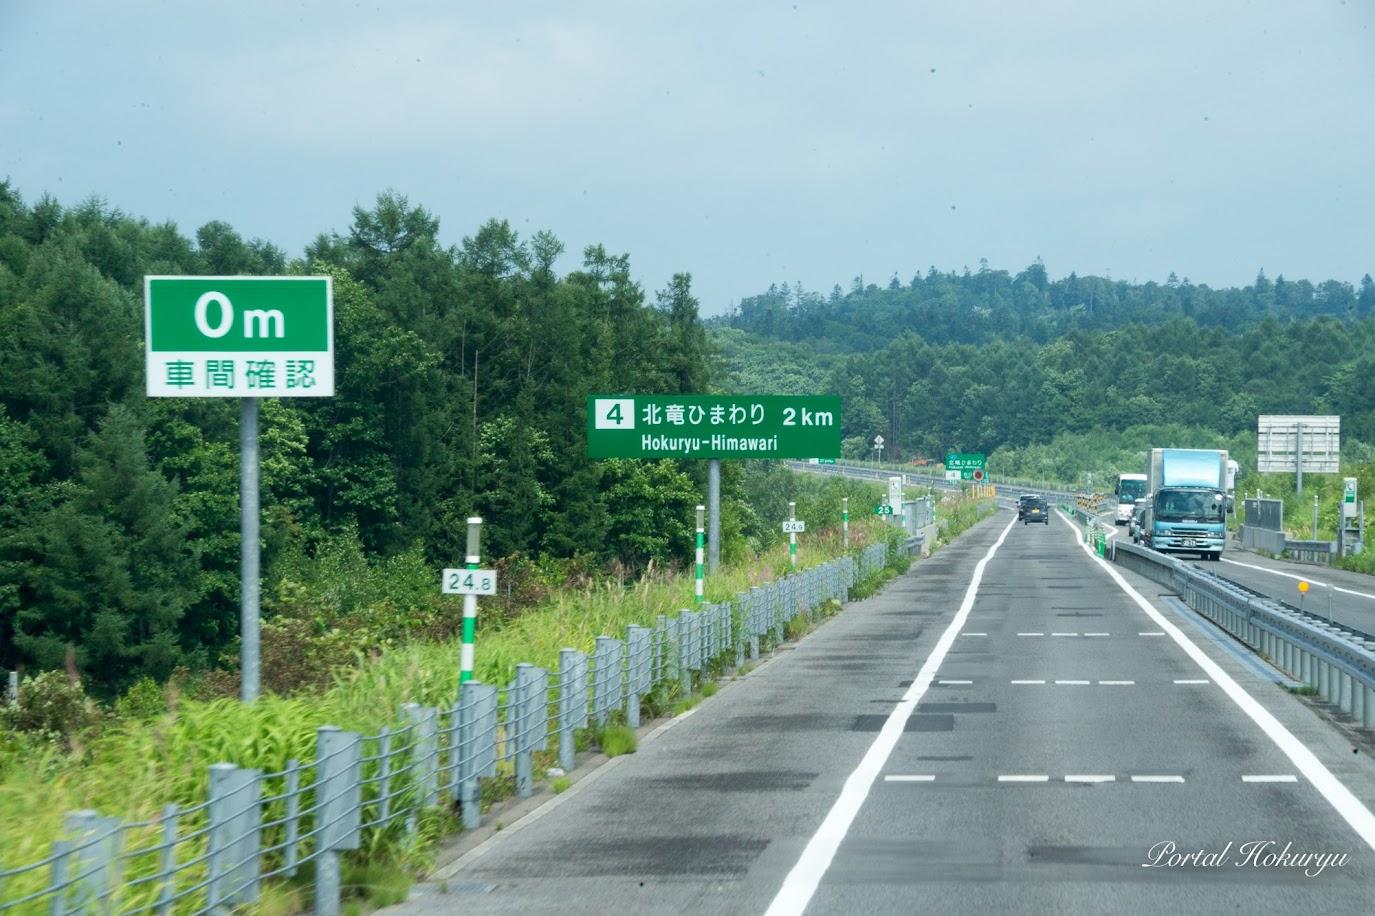 高規格幹線道路・深川留萌自動車道「北竜ひまわり」で下車